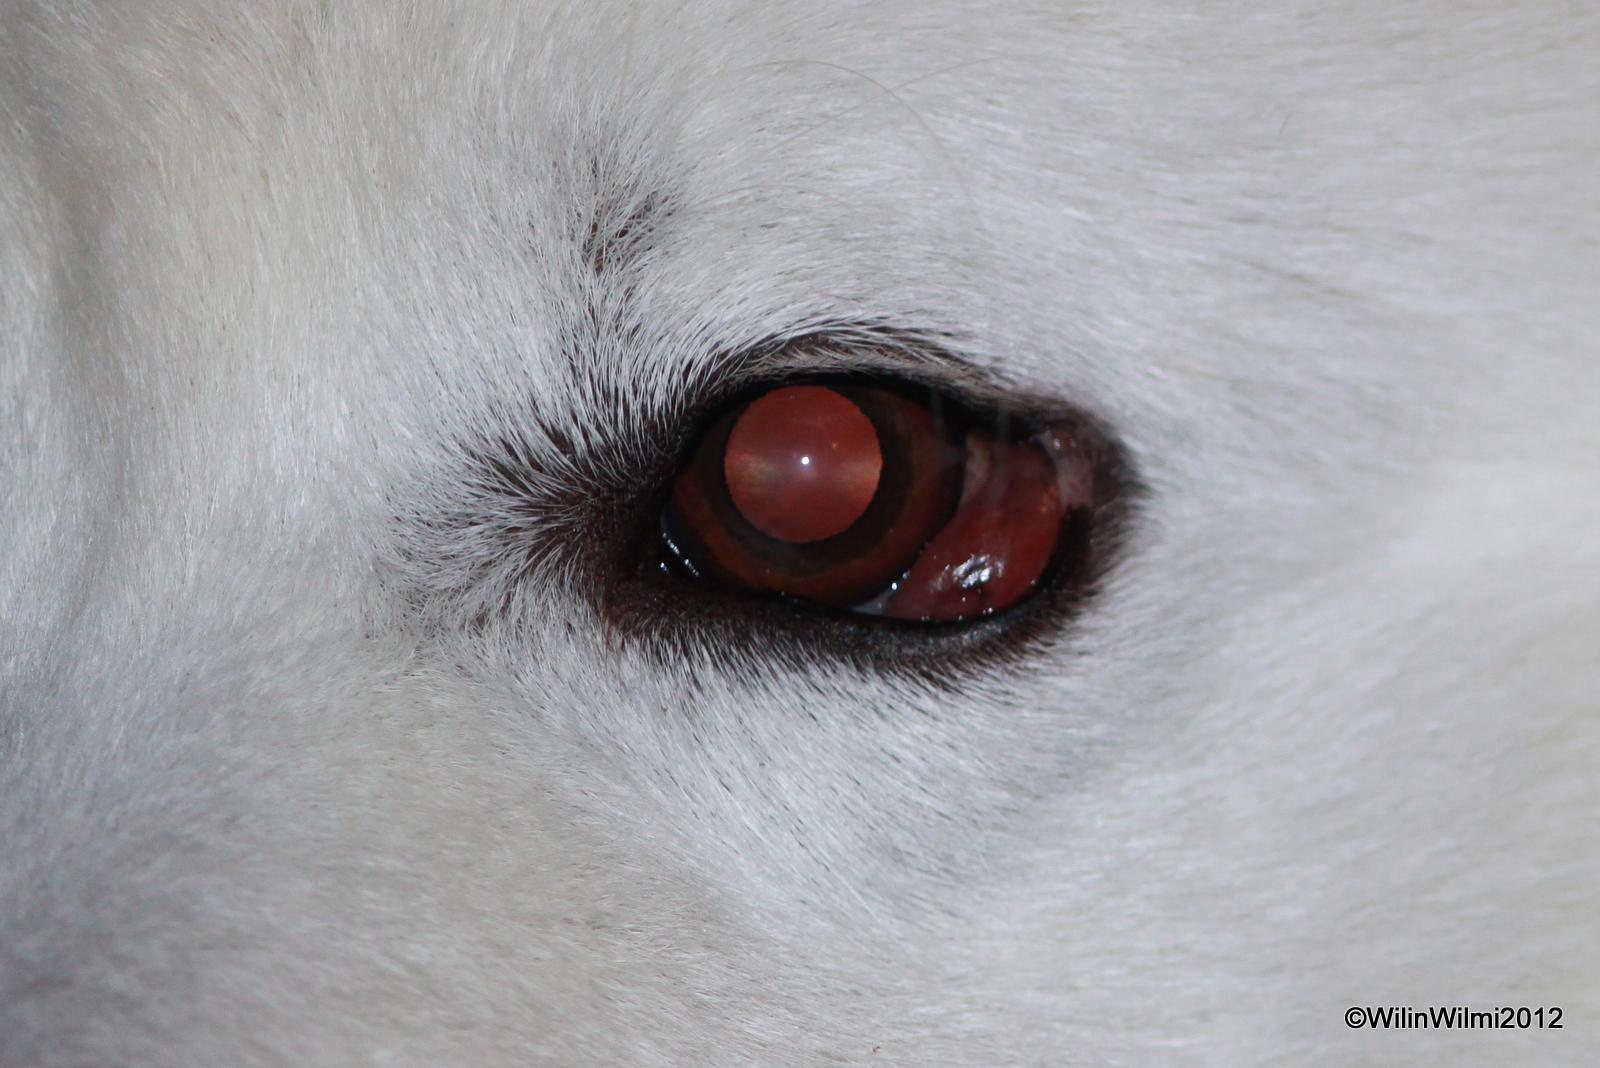 Syöpä Silmässä